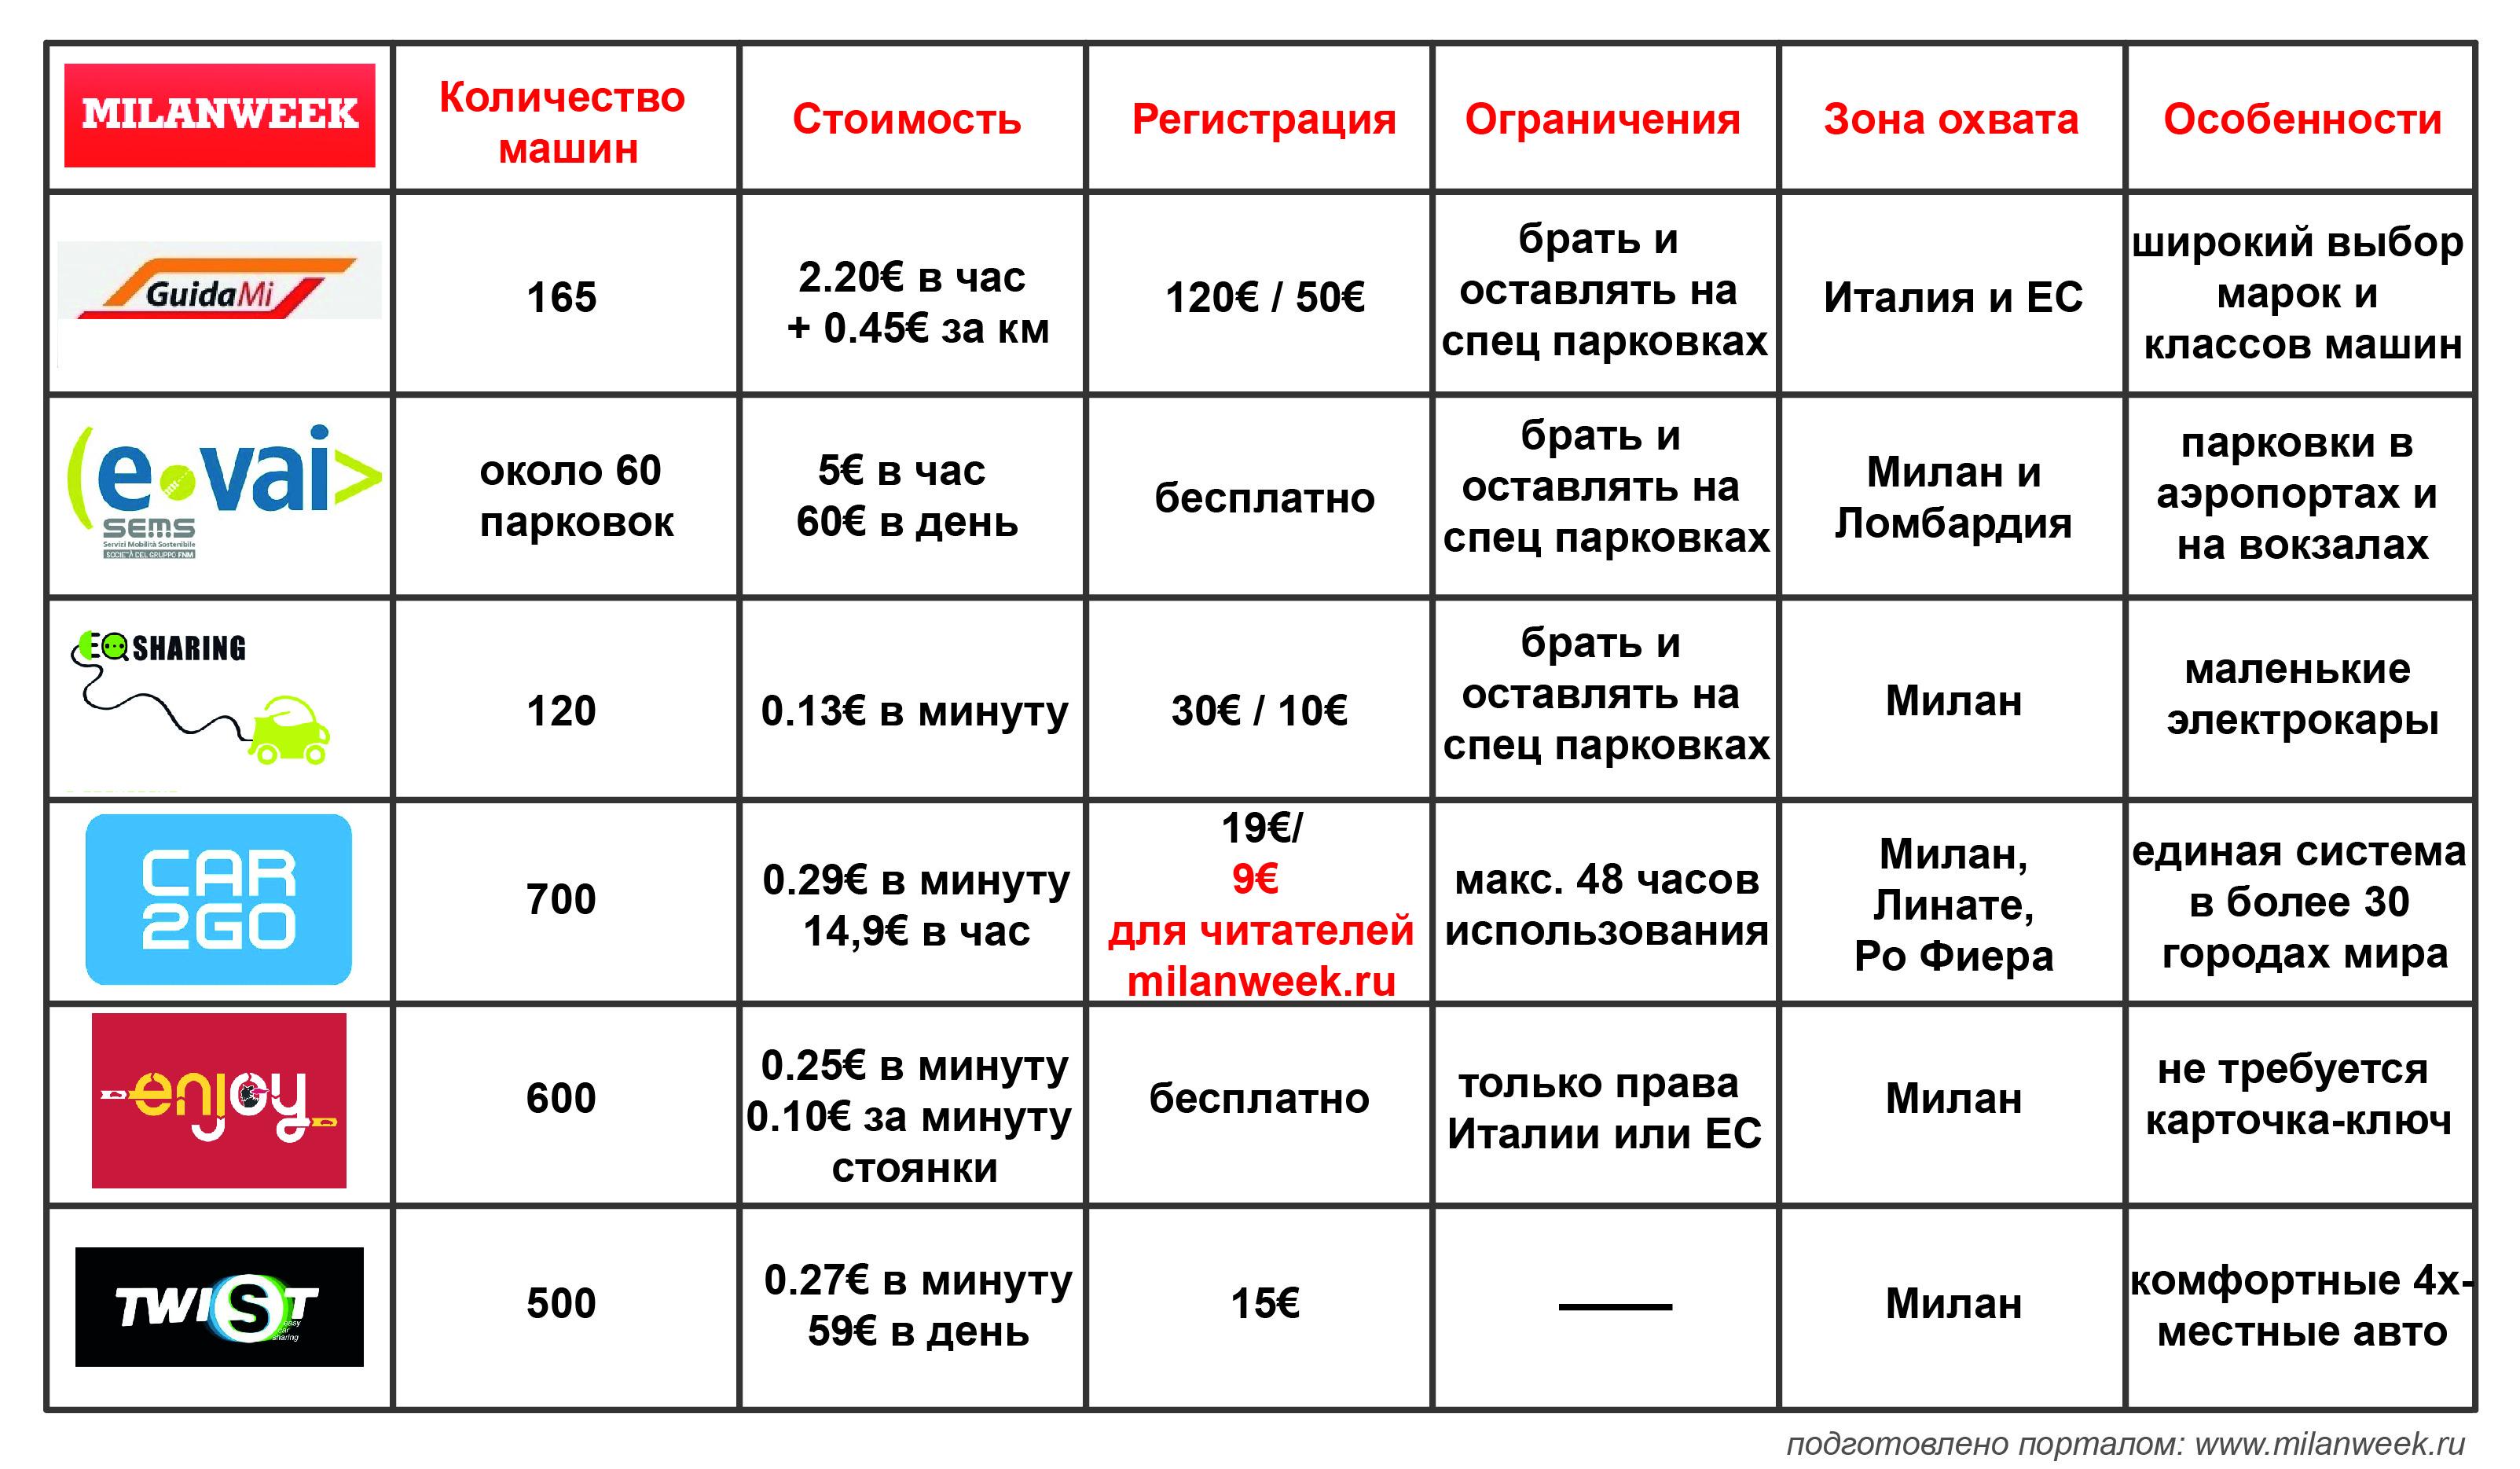 milanweek.ru carsharing analysis 2014